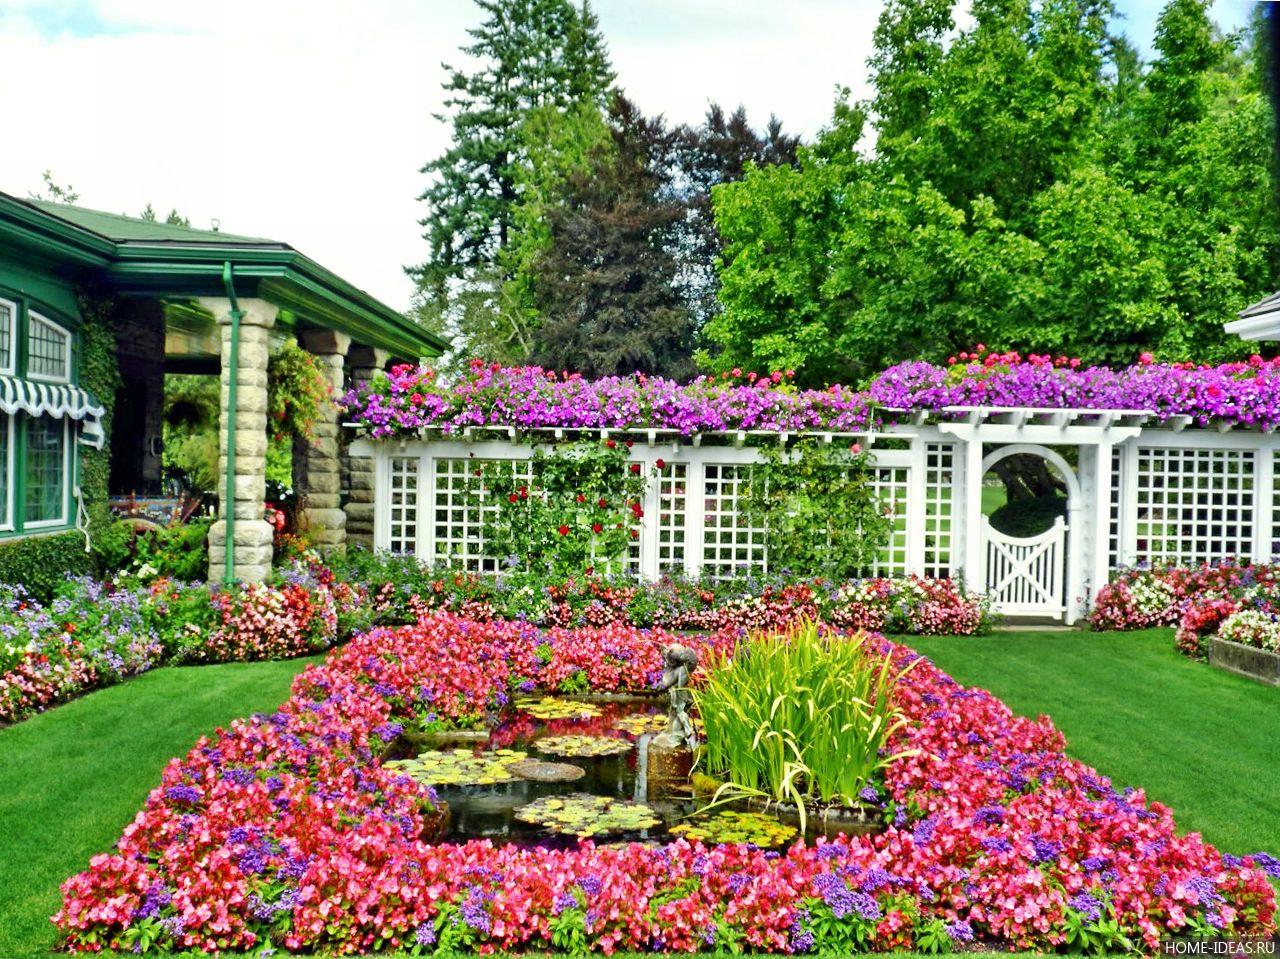 Λουλούδια μπροστά από το σπίτι17